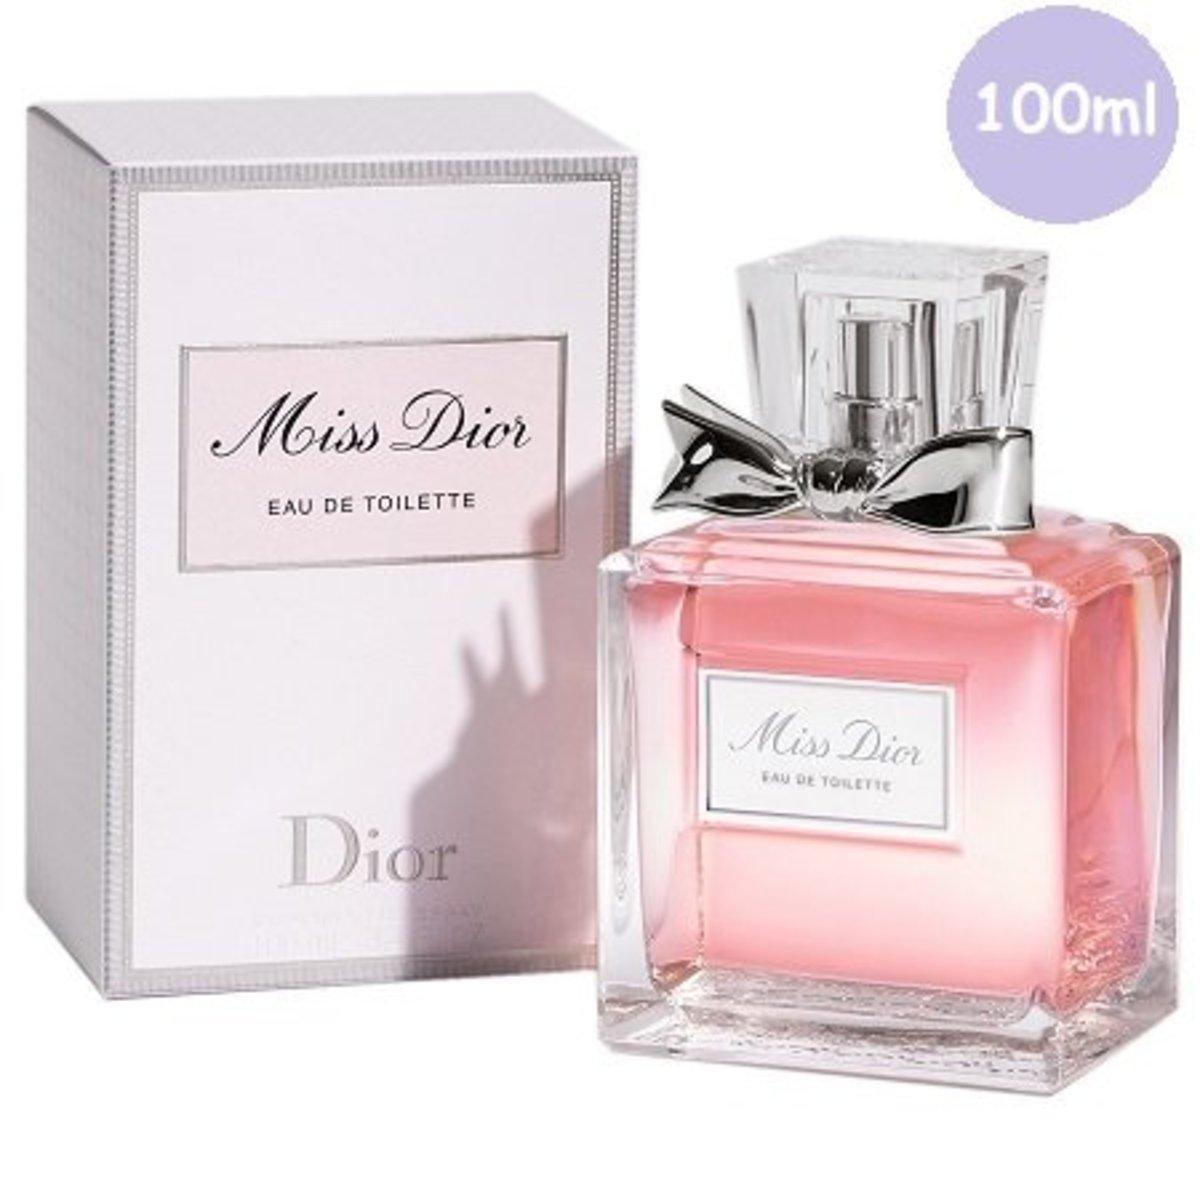 Miss Dior Eau De Toilette 100ml (3348901419369) (parallel import goods)